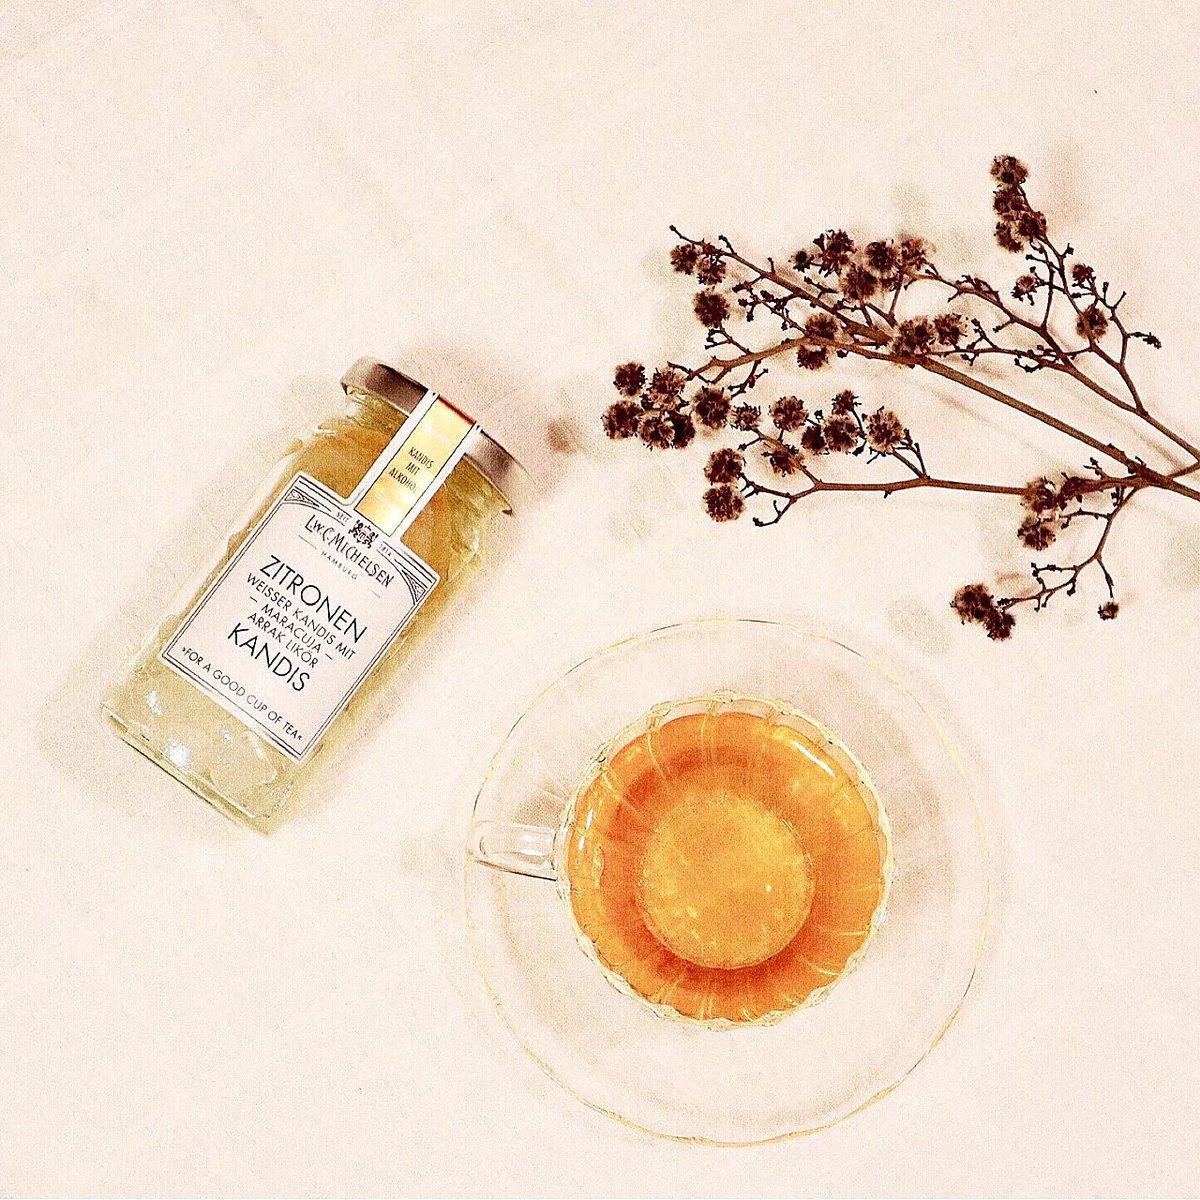 カルディの -` ̗ KANDIS  ̖ ´-宝石みたいな氷砂糖をひとすくい紅茶に入れ混ぜると贅沢な味わいになる..